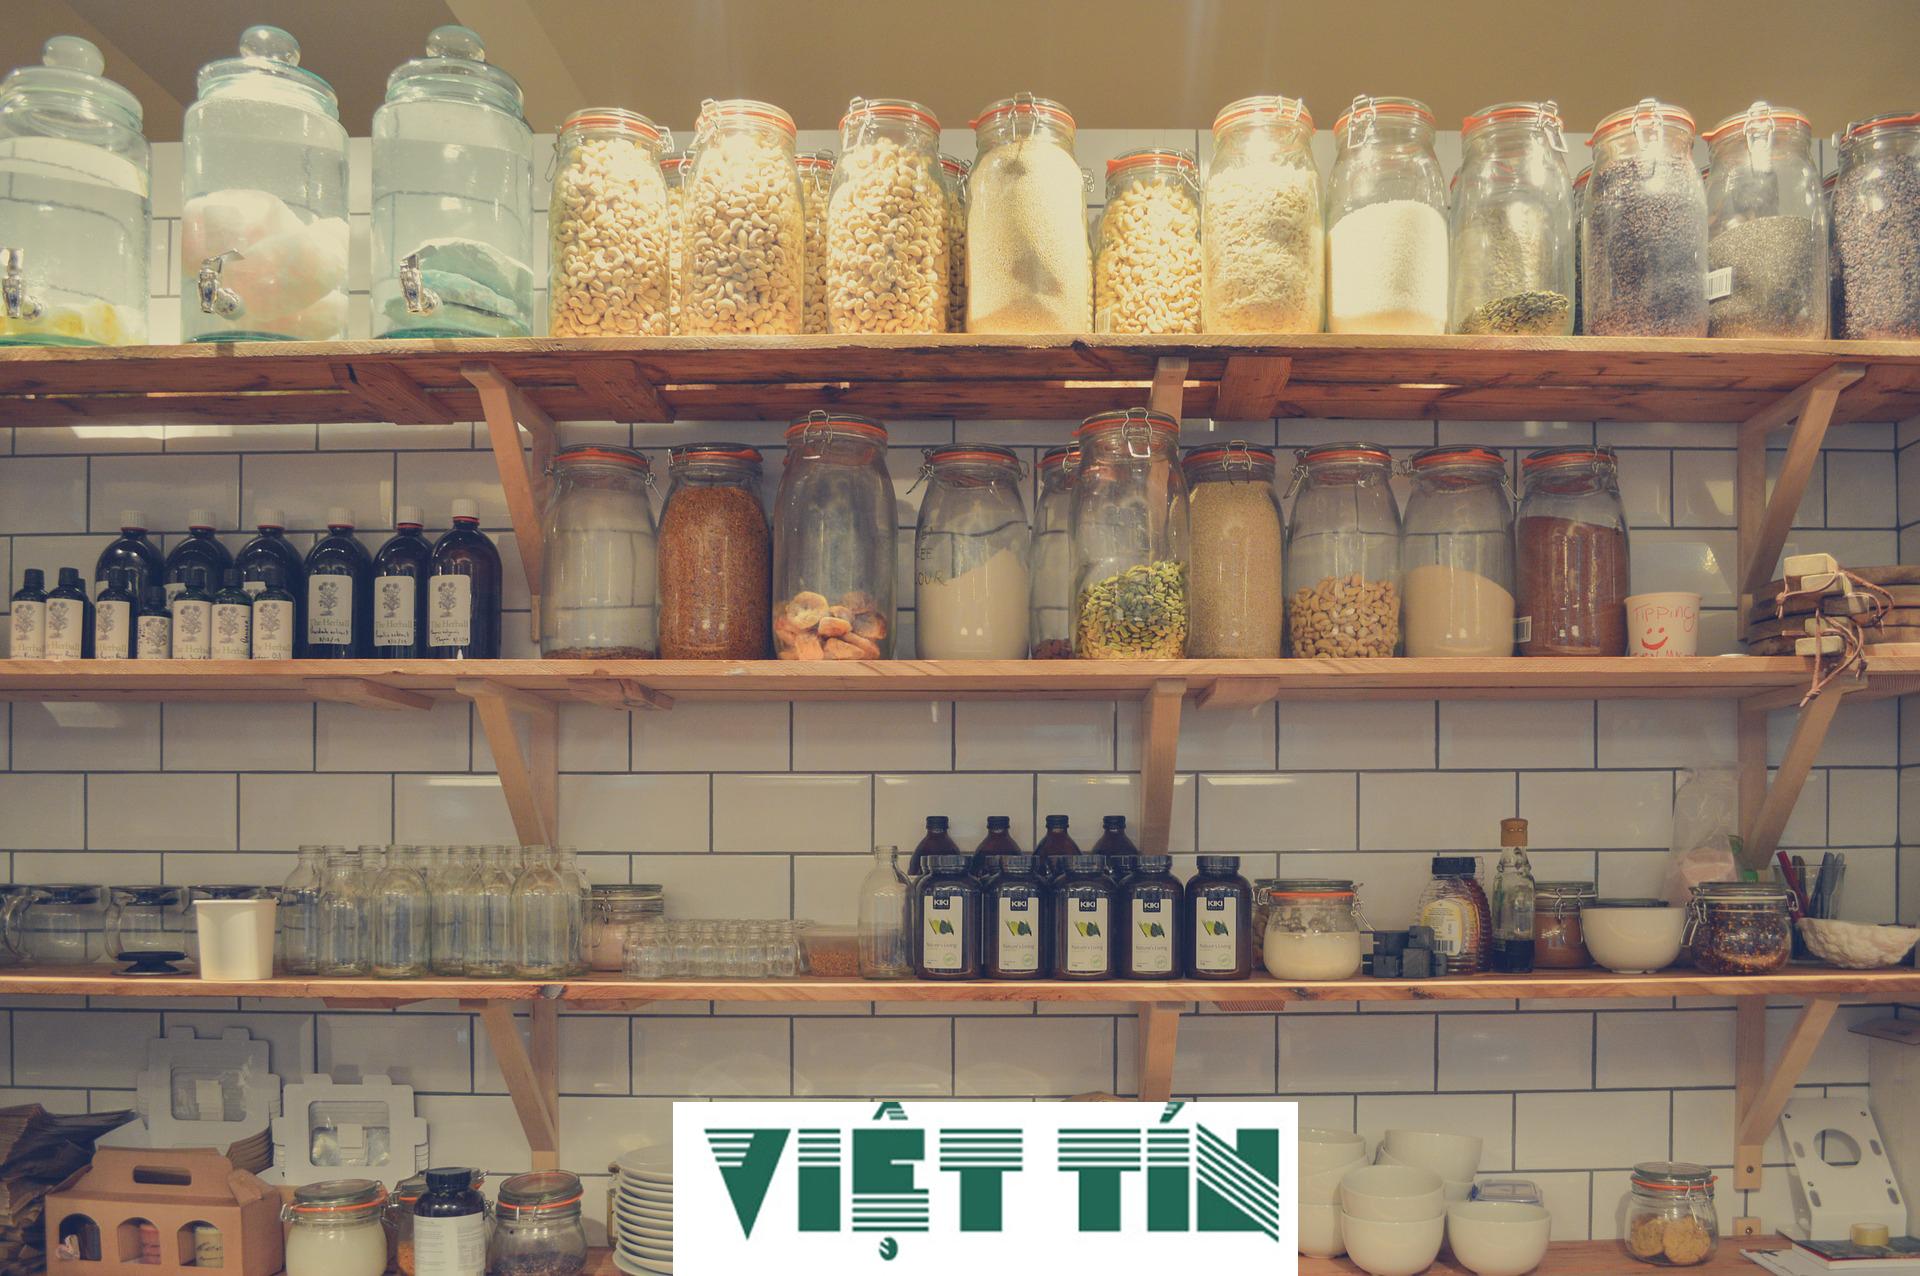 Công bố chất lượng phụ gia thực phẩm tại Luật Việt Tín